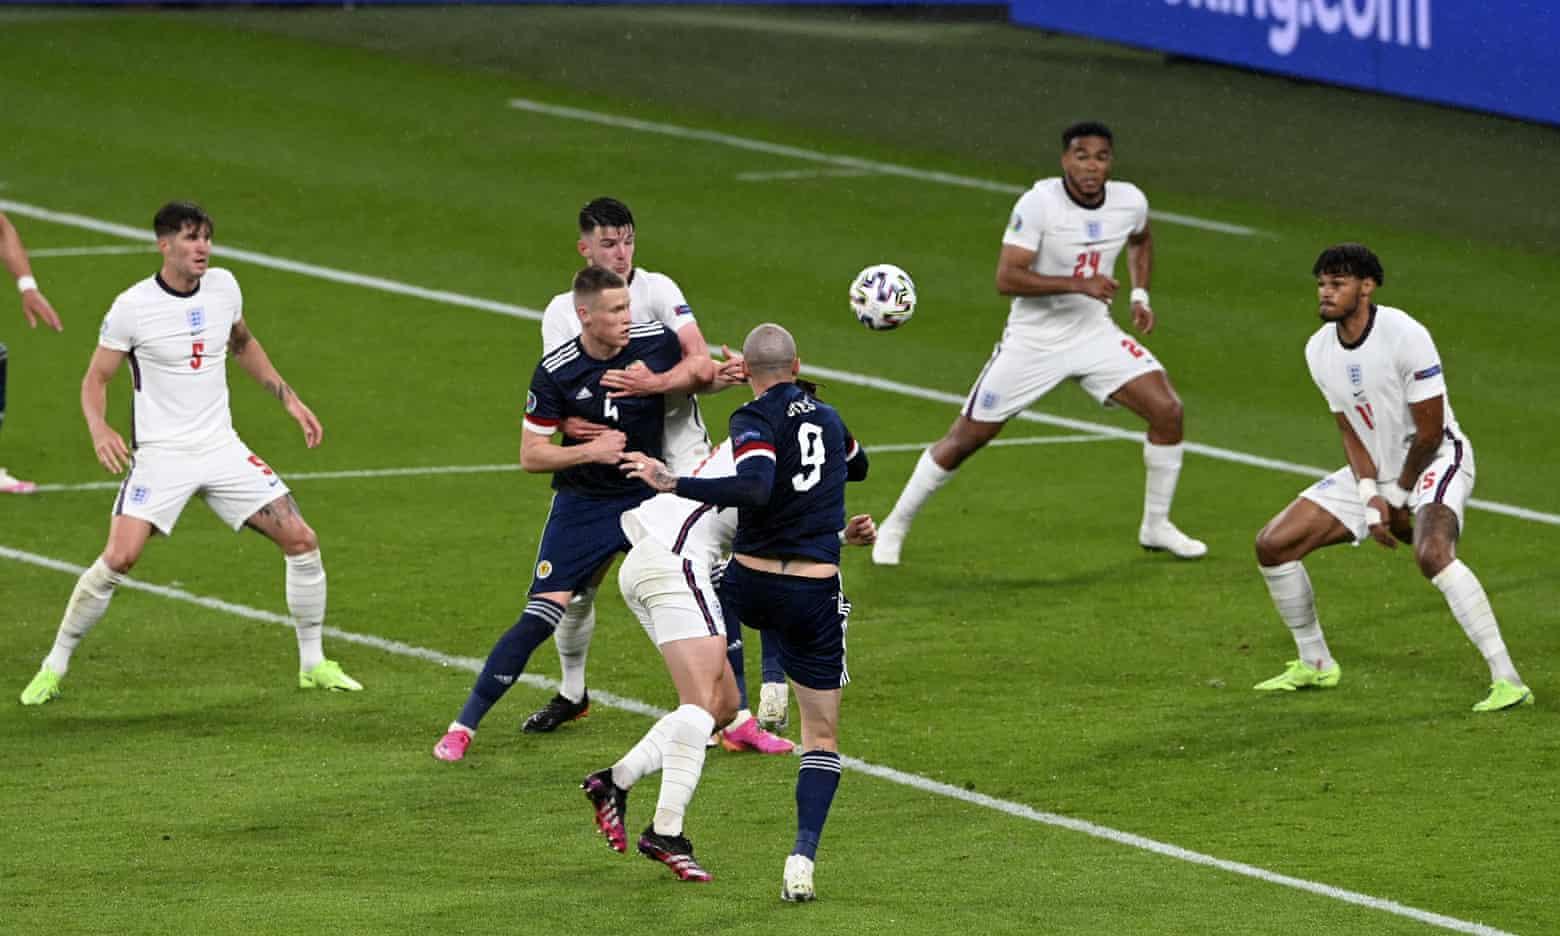 Inggris, di mata Mourinho, lebih takut kalah daripada ingin menang melawan Skotlandia.  Foto: AP